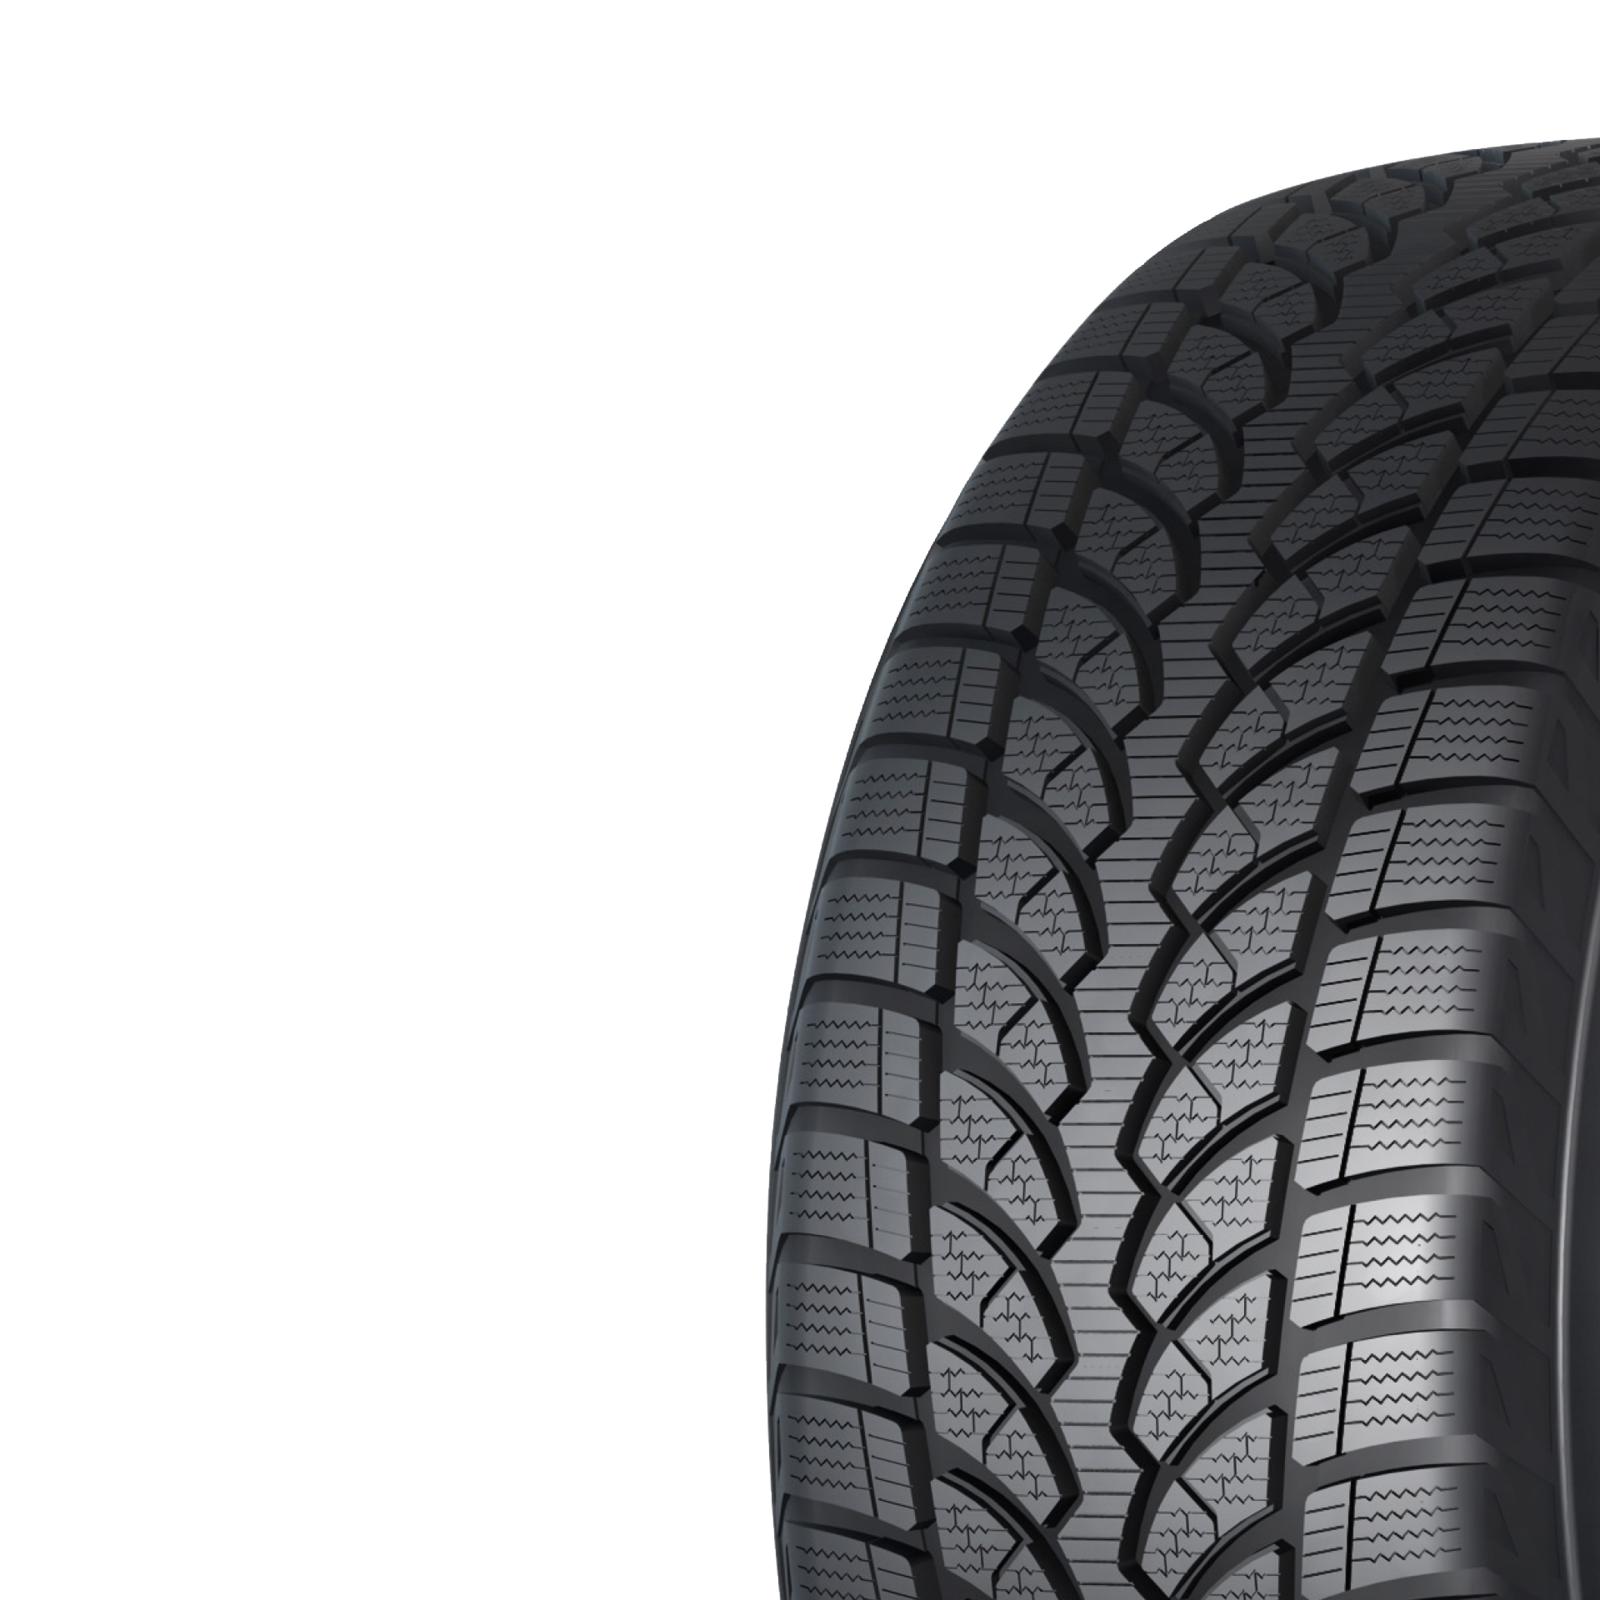 Winterreifen 235/65 R17 108H XL Bridgestone Blizzak LM-005